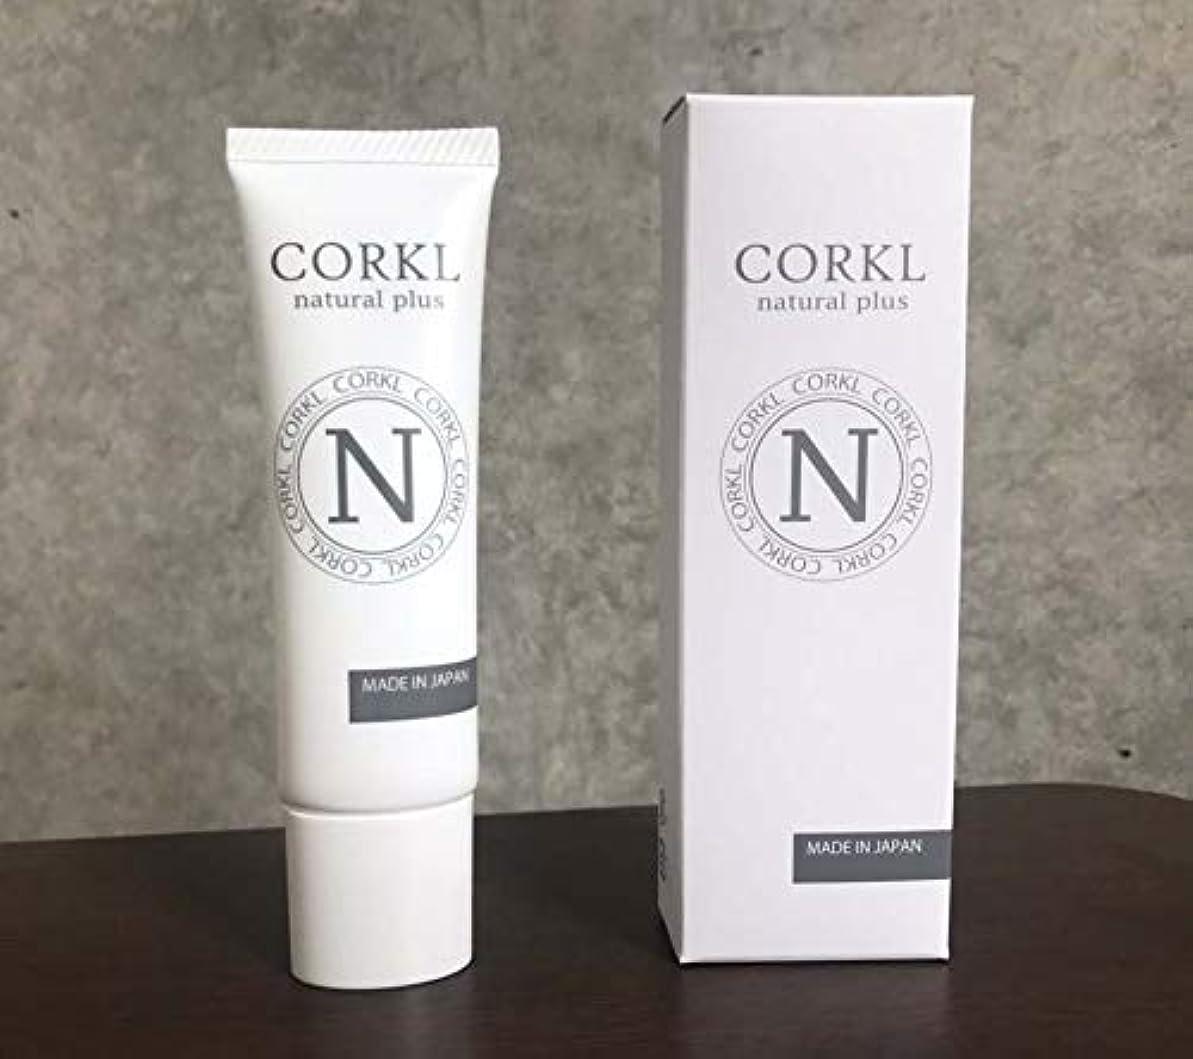 アーティキュレーションパッケージ曲げるコルクルナチュルクリーム(CORKL)手汗?顔汗に悩む方向けに開発された国産化粧品